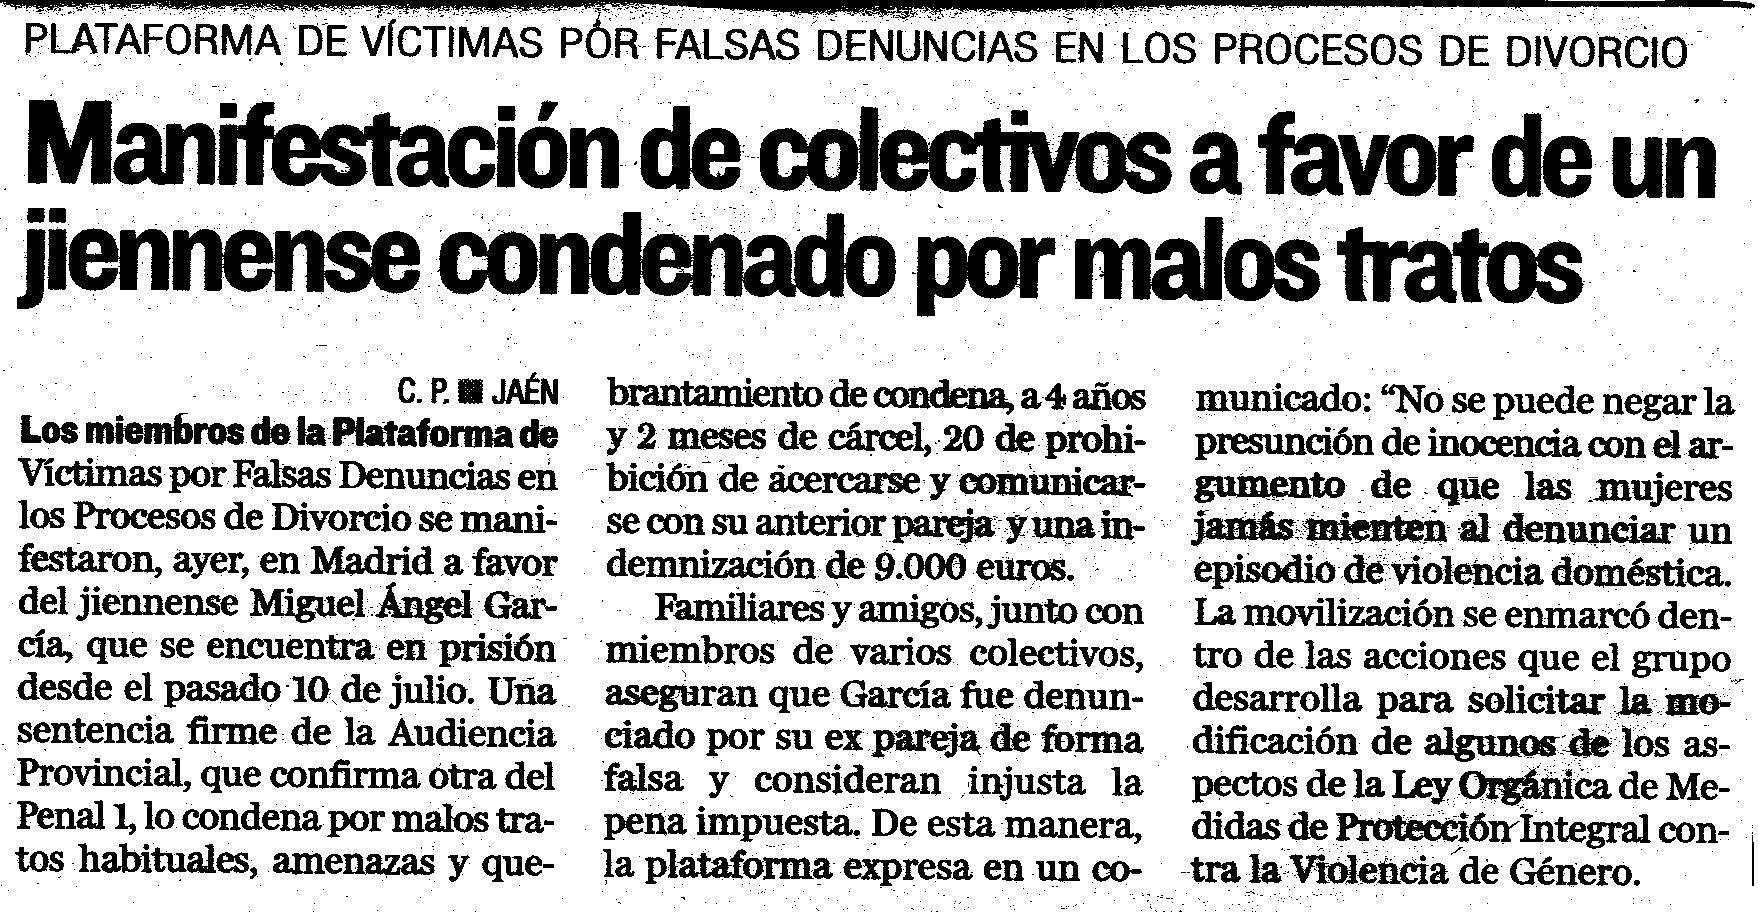 Artículo de Diario Jaén